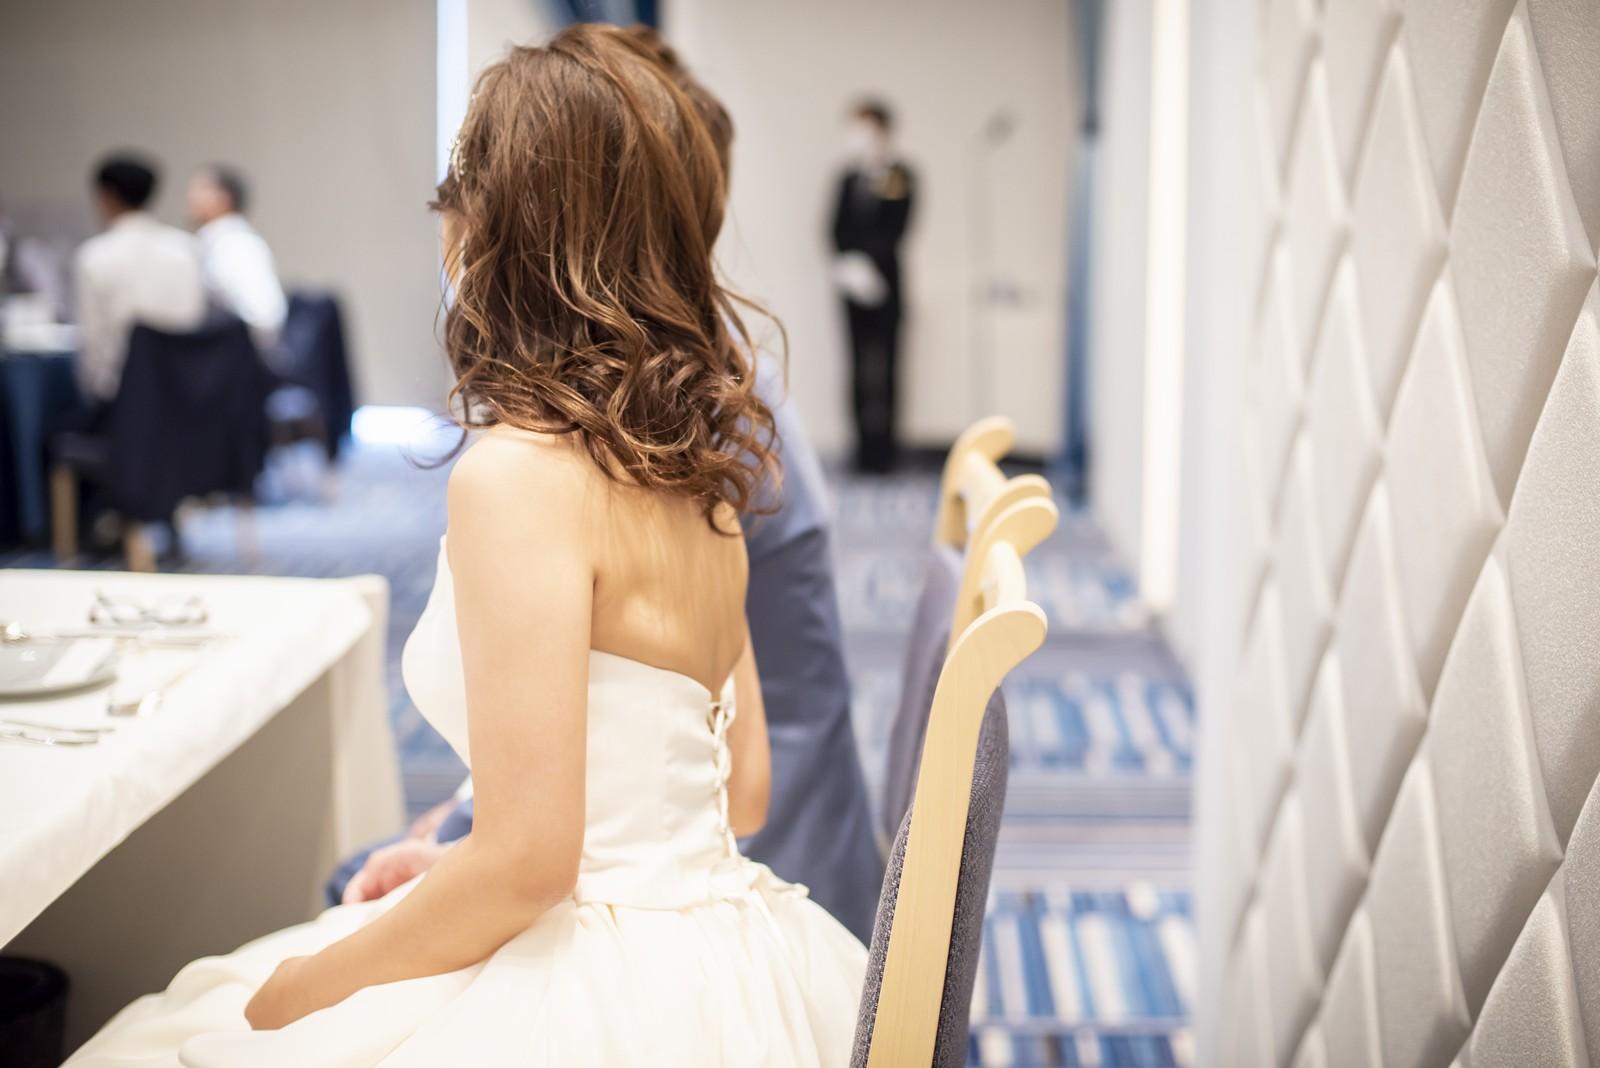 香川県の結婚式場シェルエメール&アイスタイルの髪型